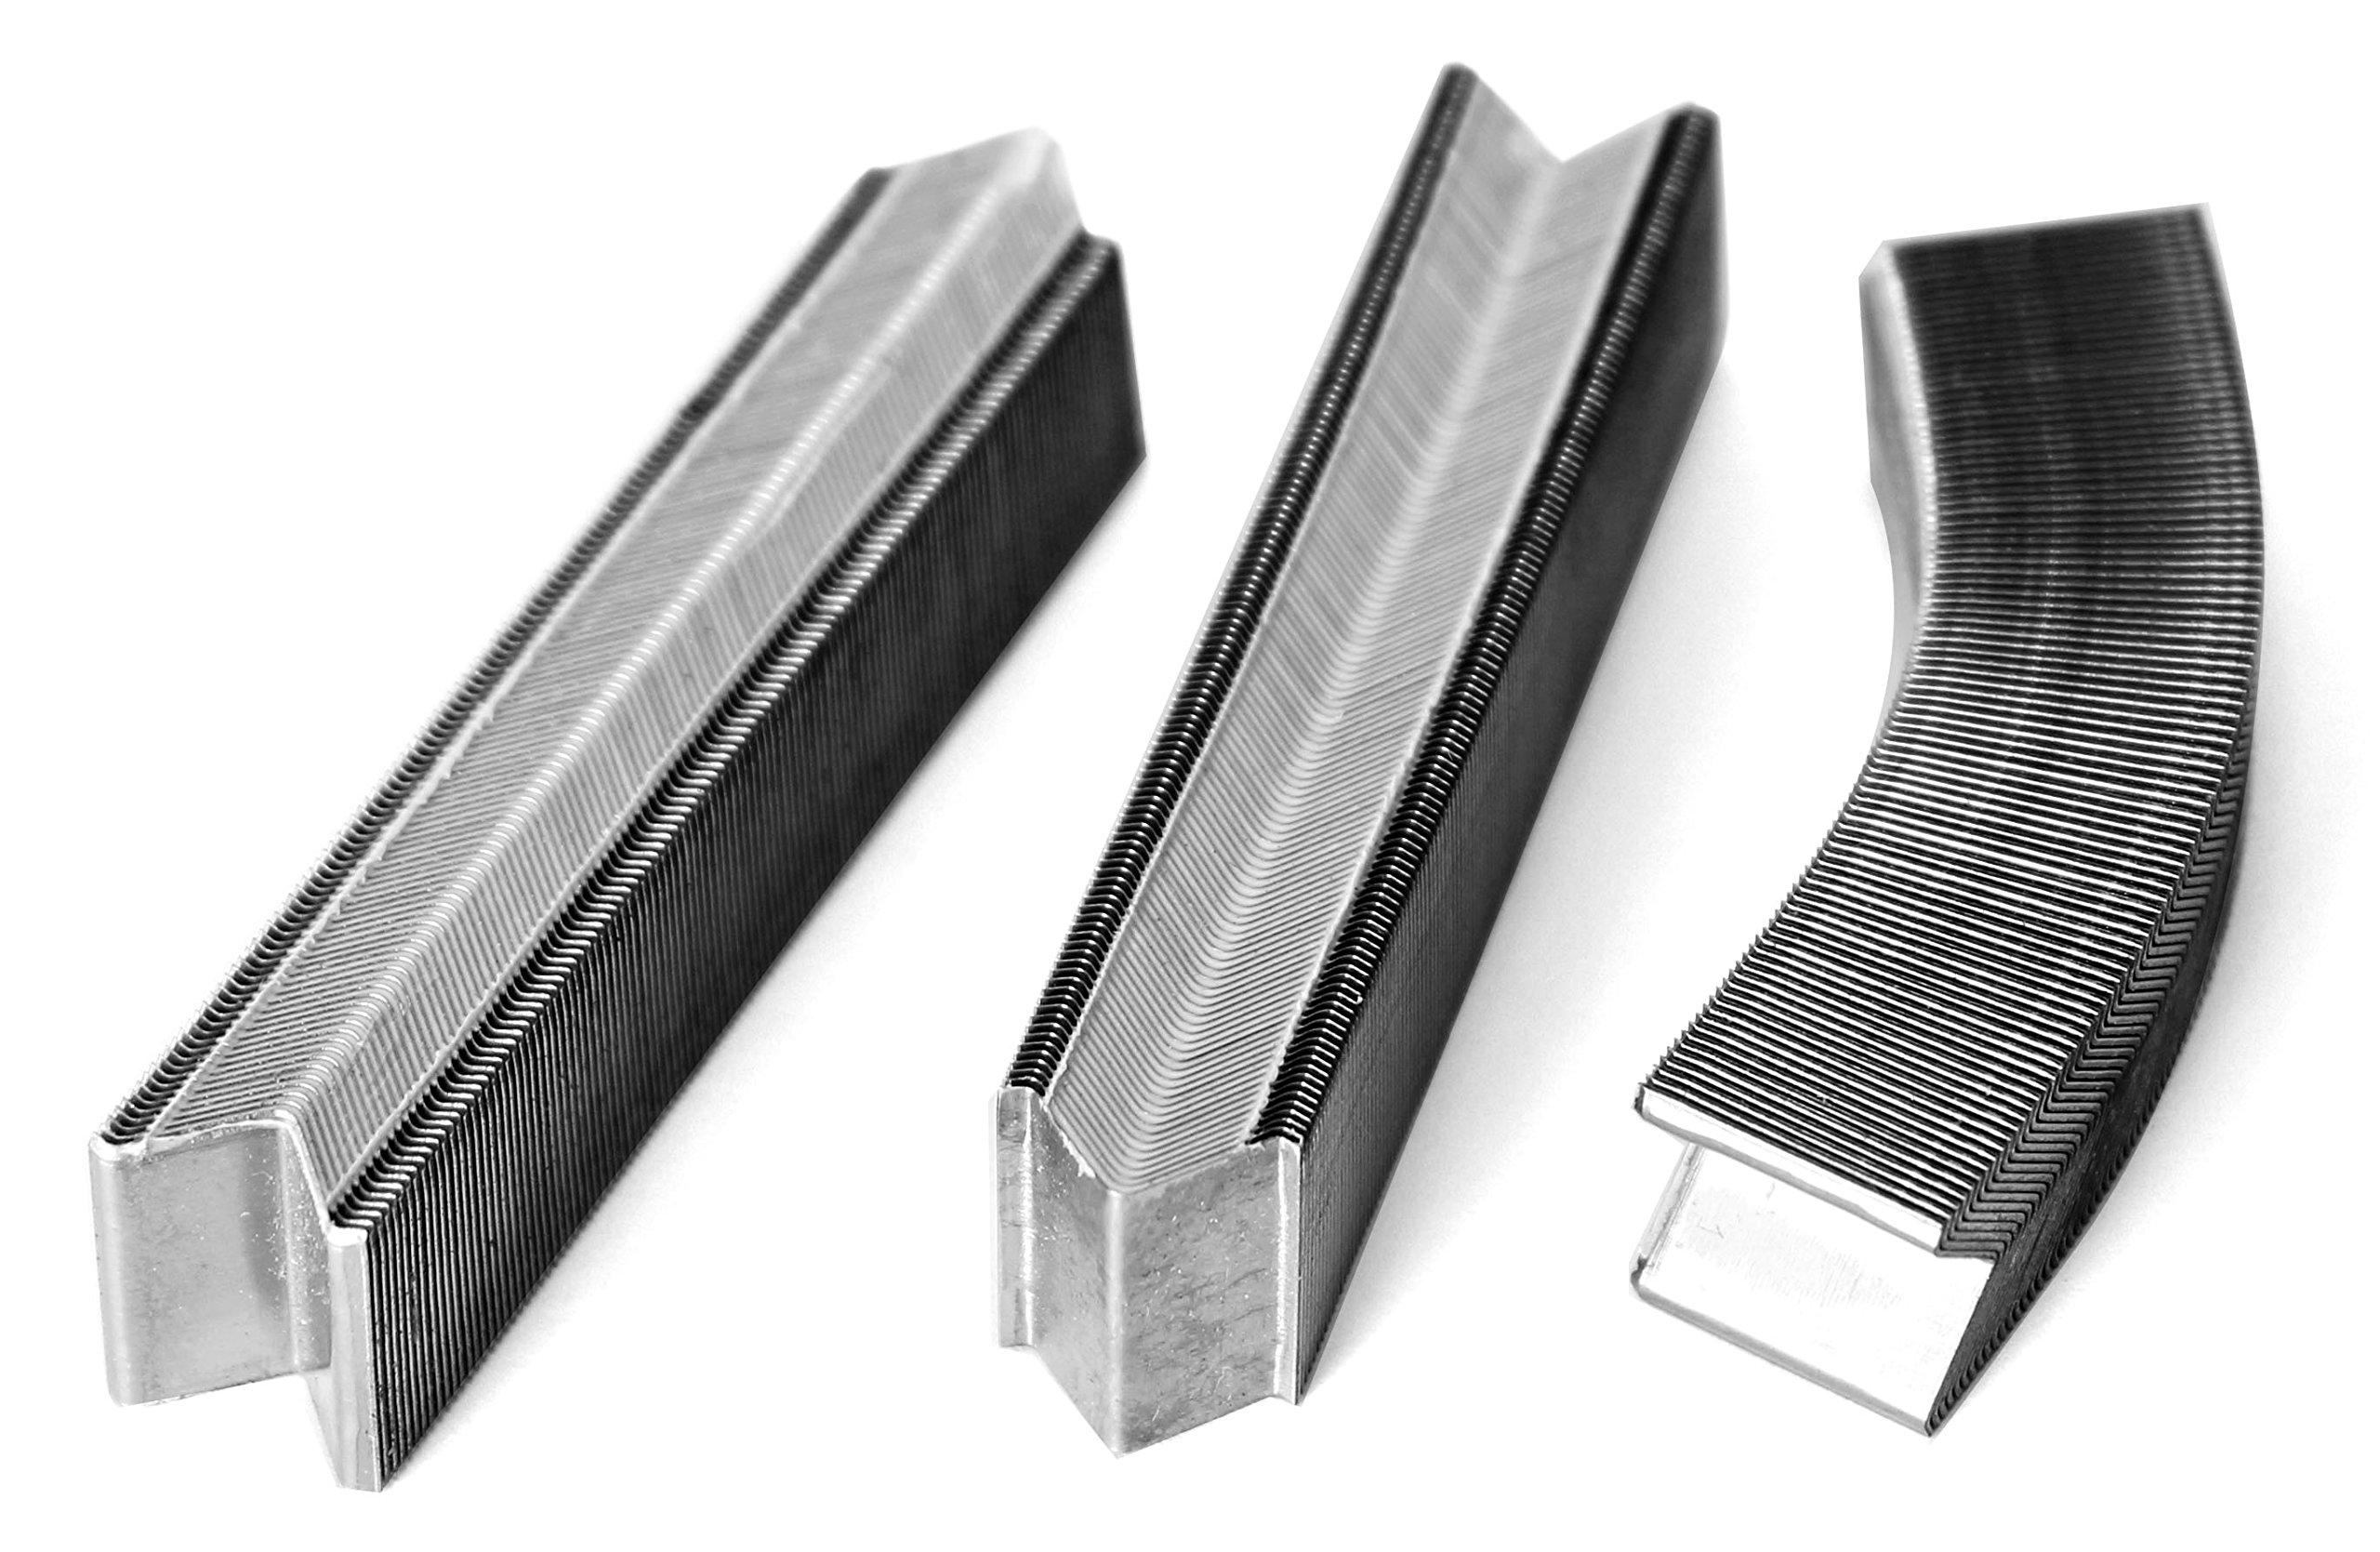 meite Hard wood type 10.3mm Diameter V Nails 10mm Length for Picture Frame Joiner V1015B V-NAILER JOINING GUN 4000 PCS/BOX by meite